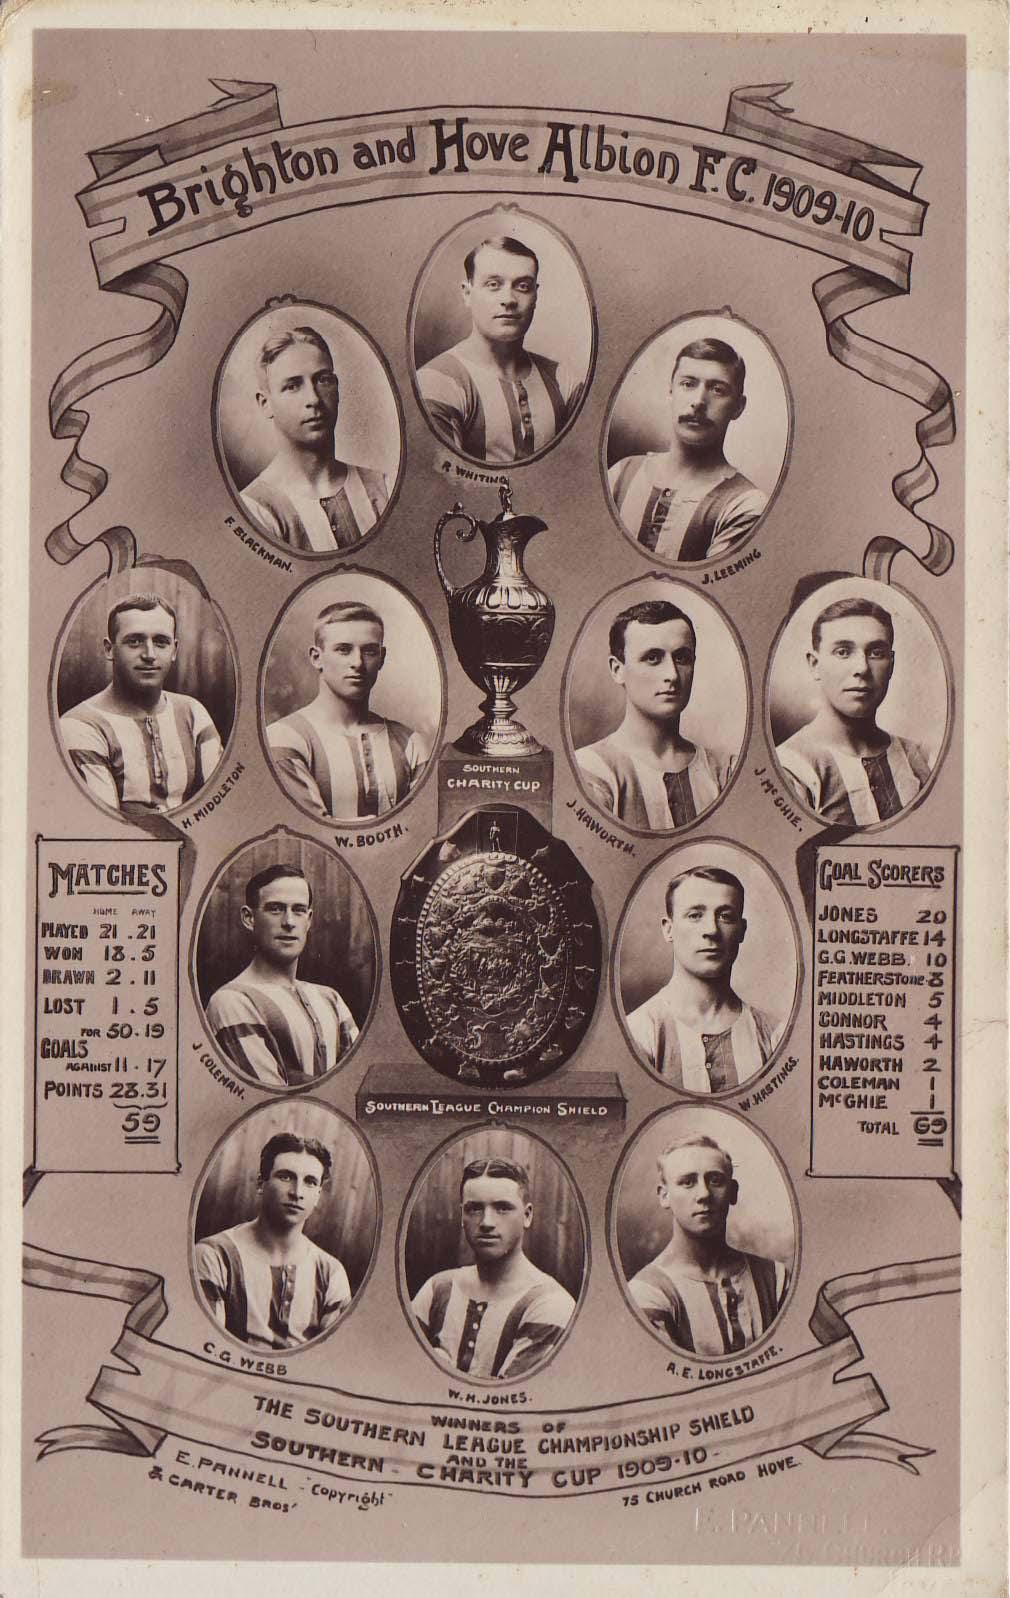 Brighton team 1910